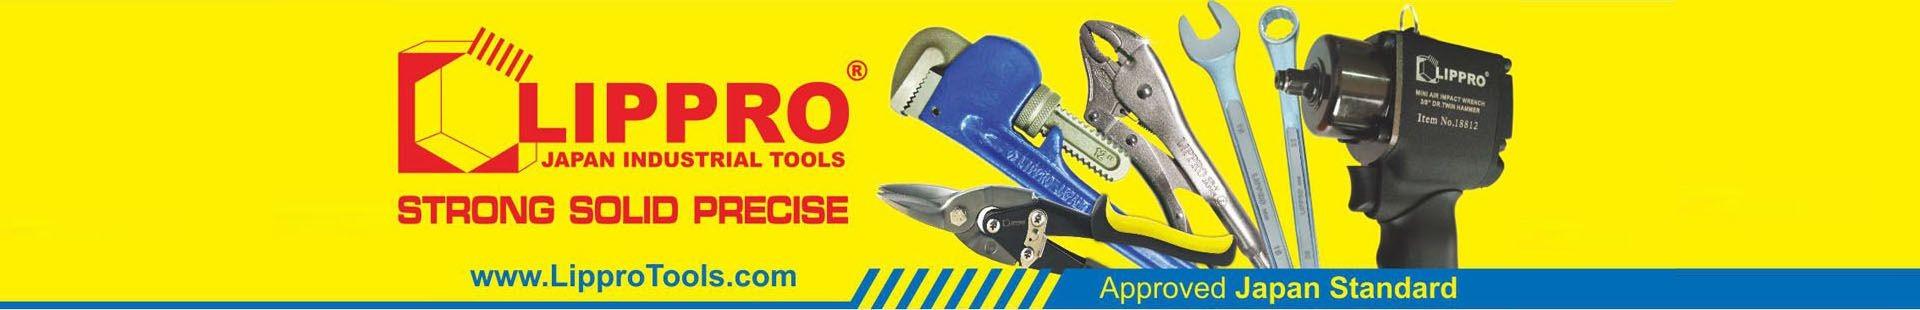 Lippro Tools